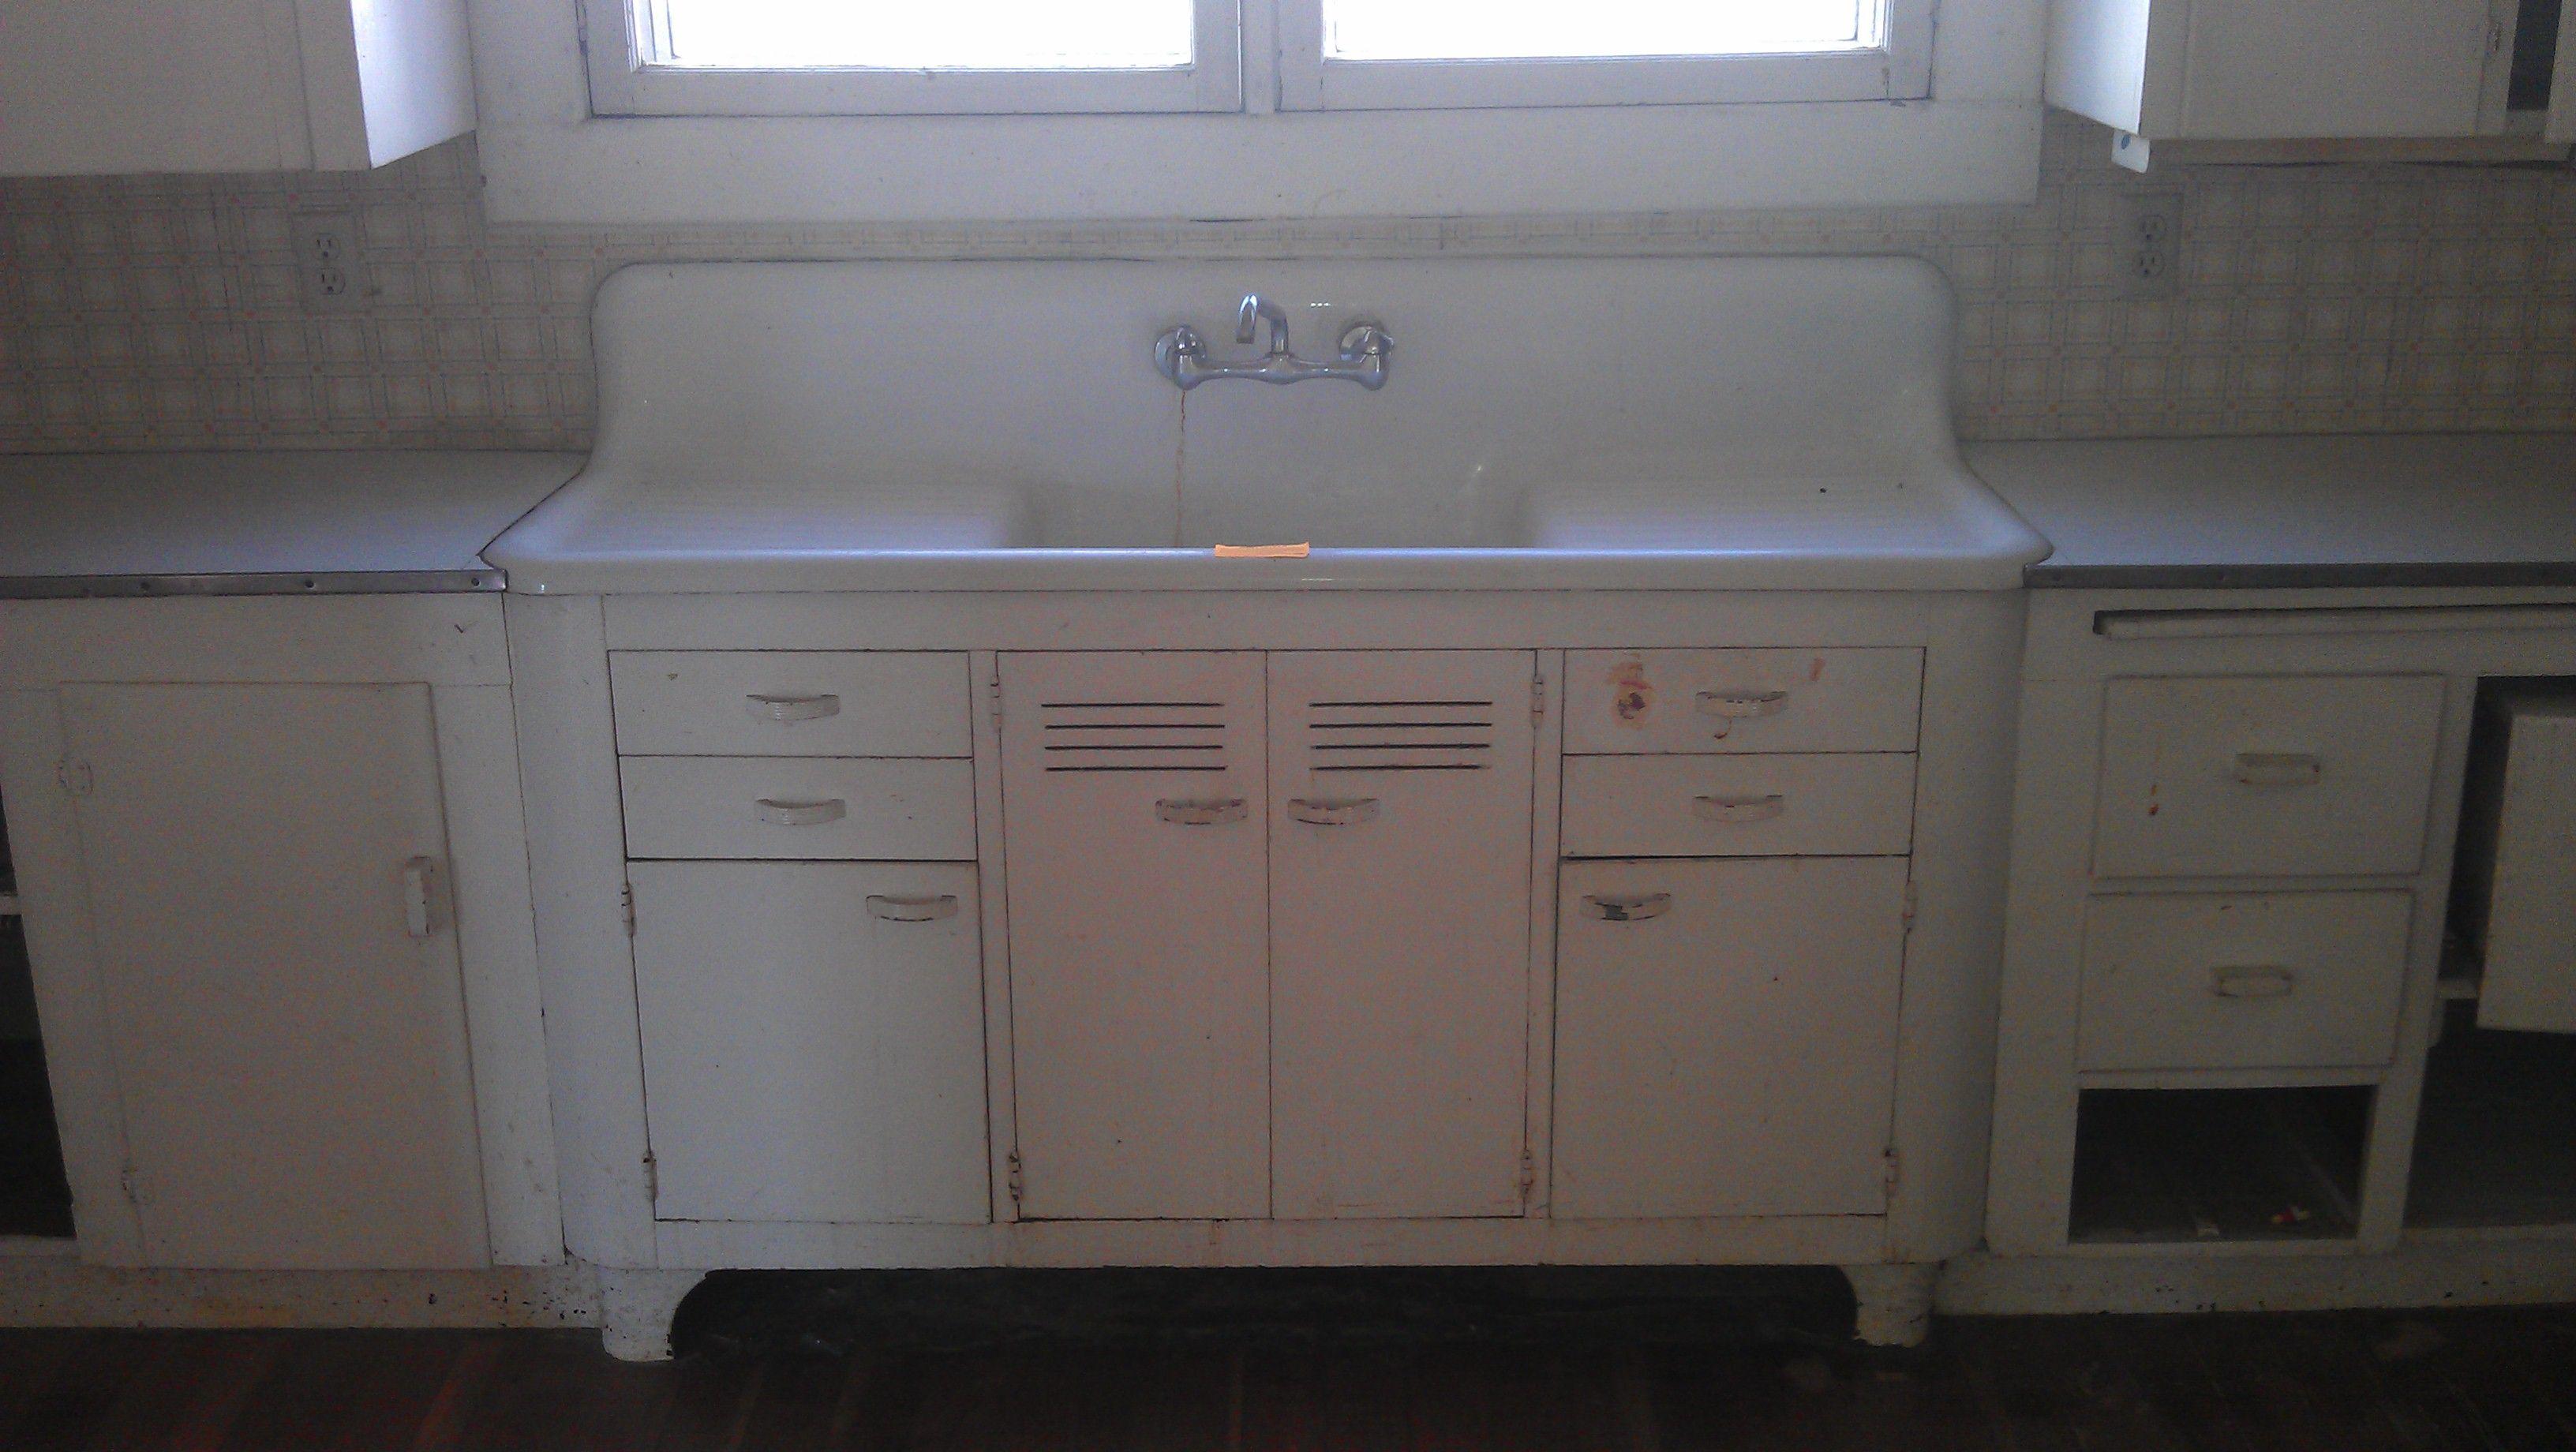 farm kitchen sink mounted double drain board farm sink Vintage Single Basin Double Drainboard Kitchen Sink